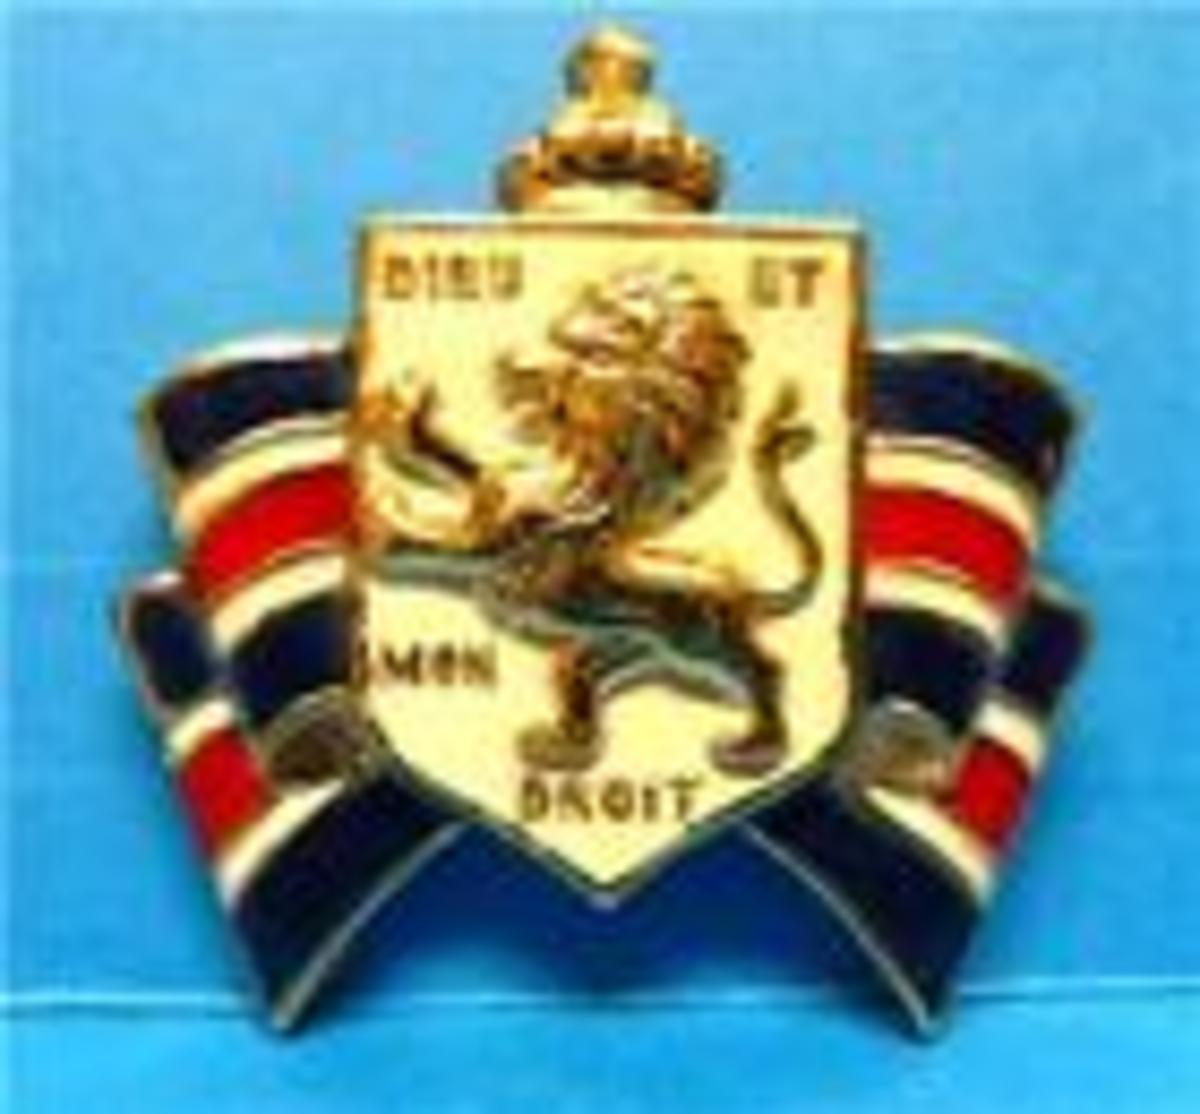 Bundles for Britain pin